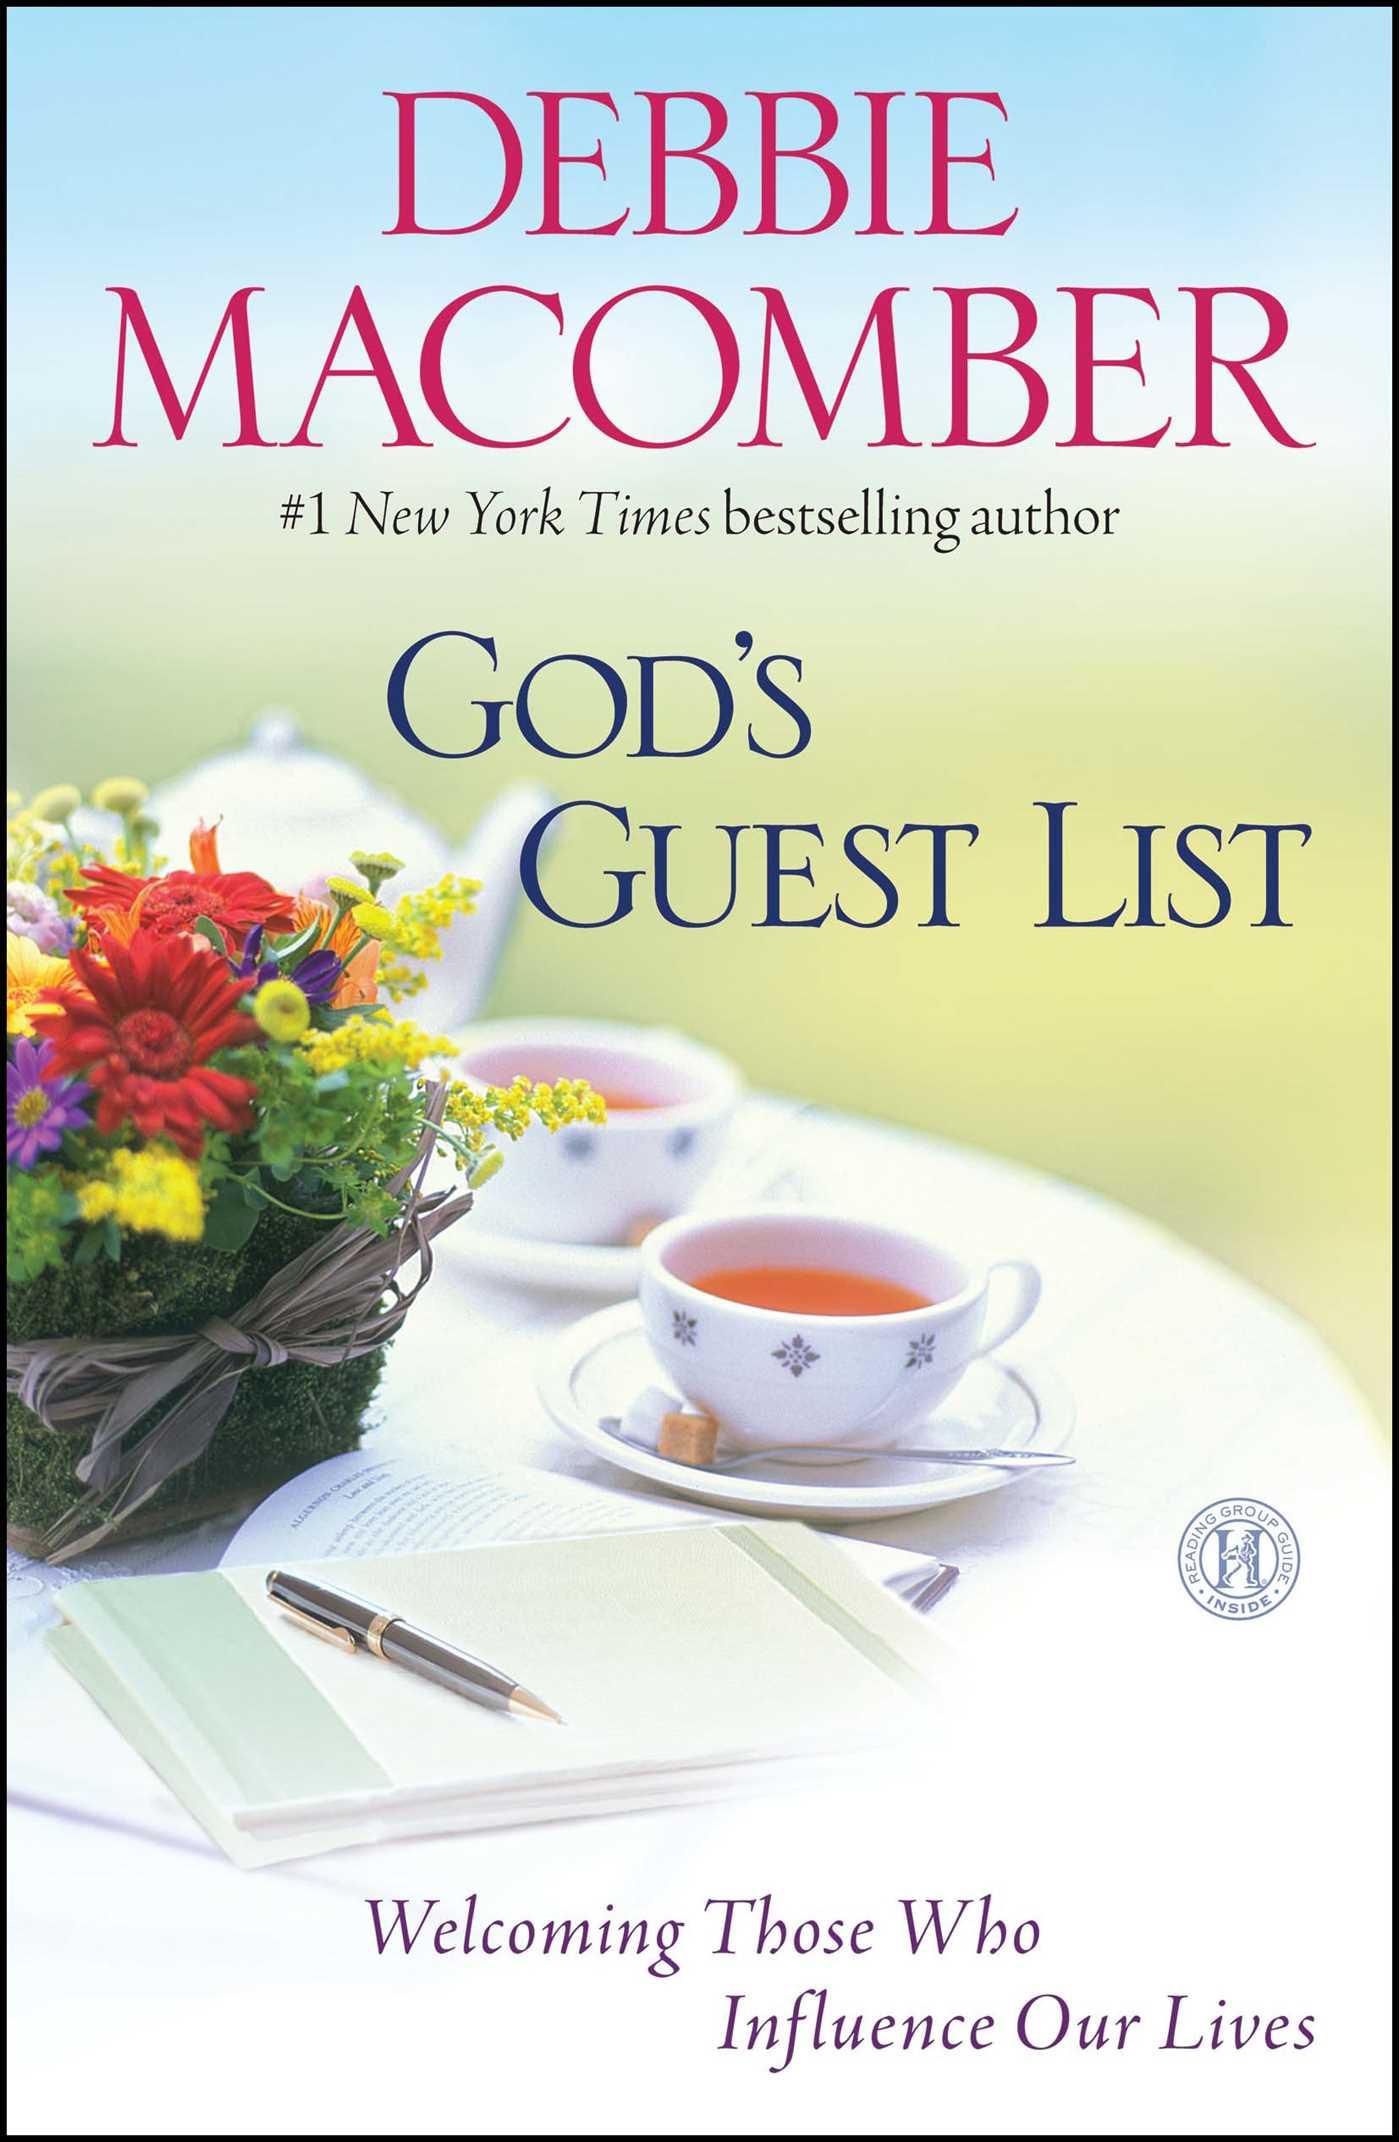 Gods guest list 9781439190647 hr